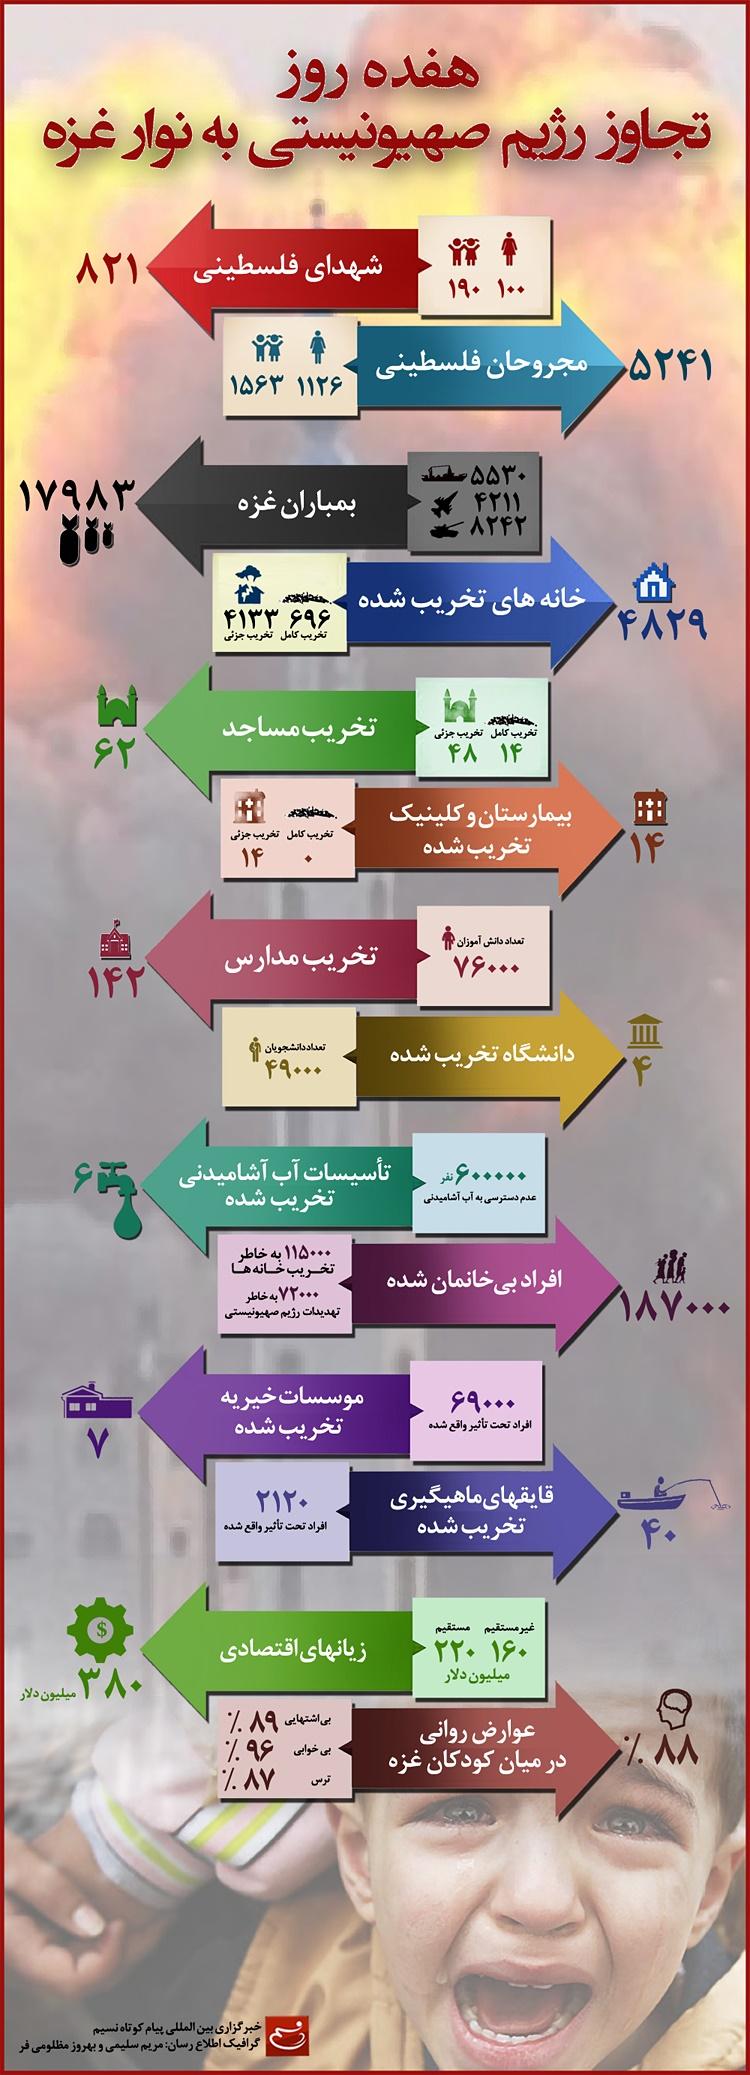 http://images.hamshahrionline.ir//images/2014/7/14-7-25-194115progvldo.jpg